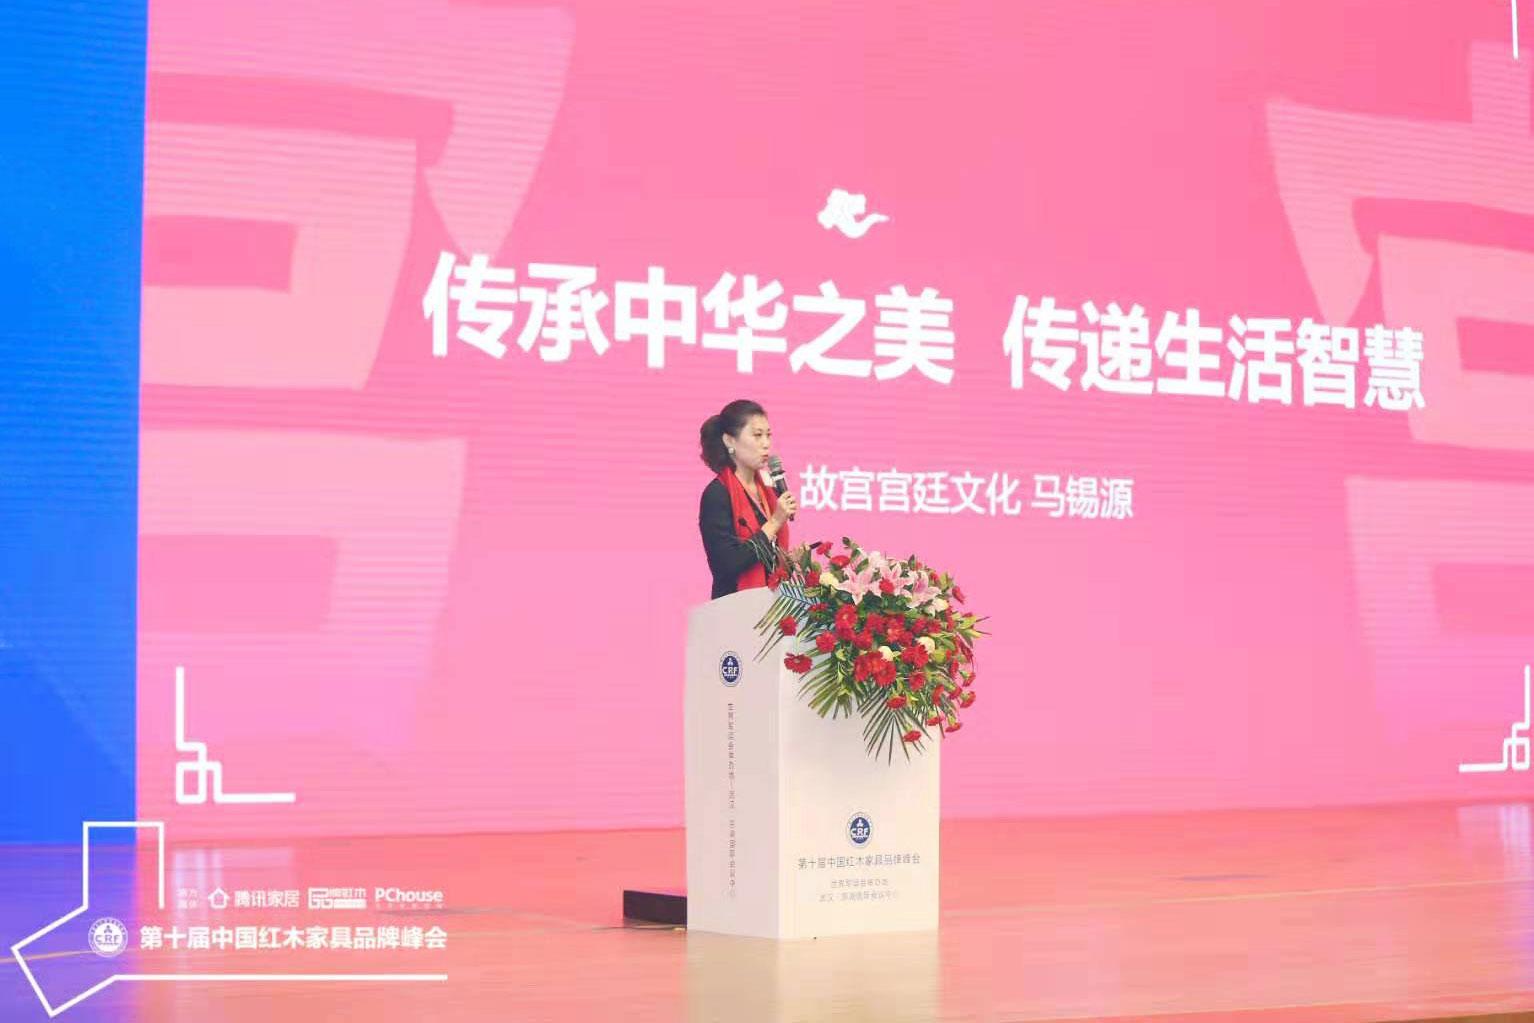 故宫宫廷文化副总经理马锡源主题分享:《传承中华之美传递生活智慧》